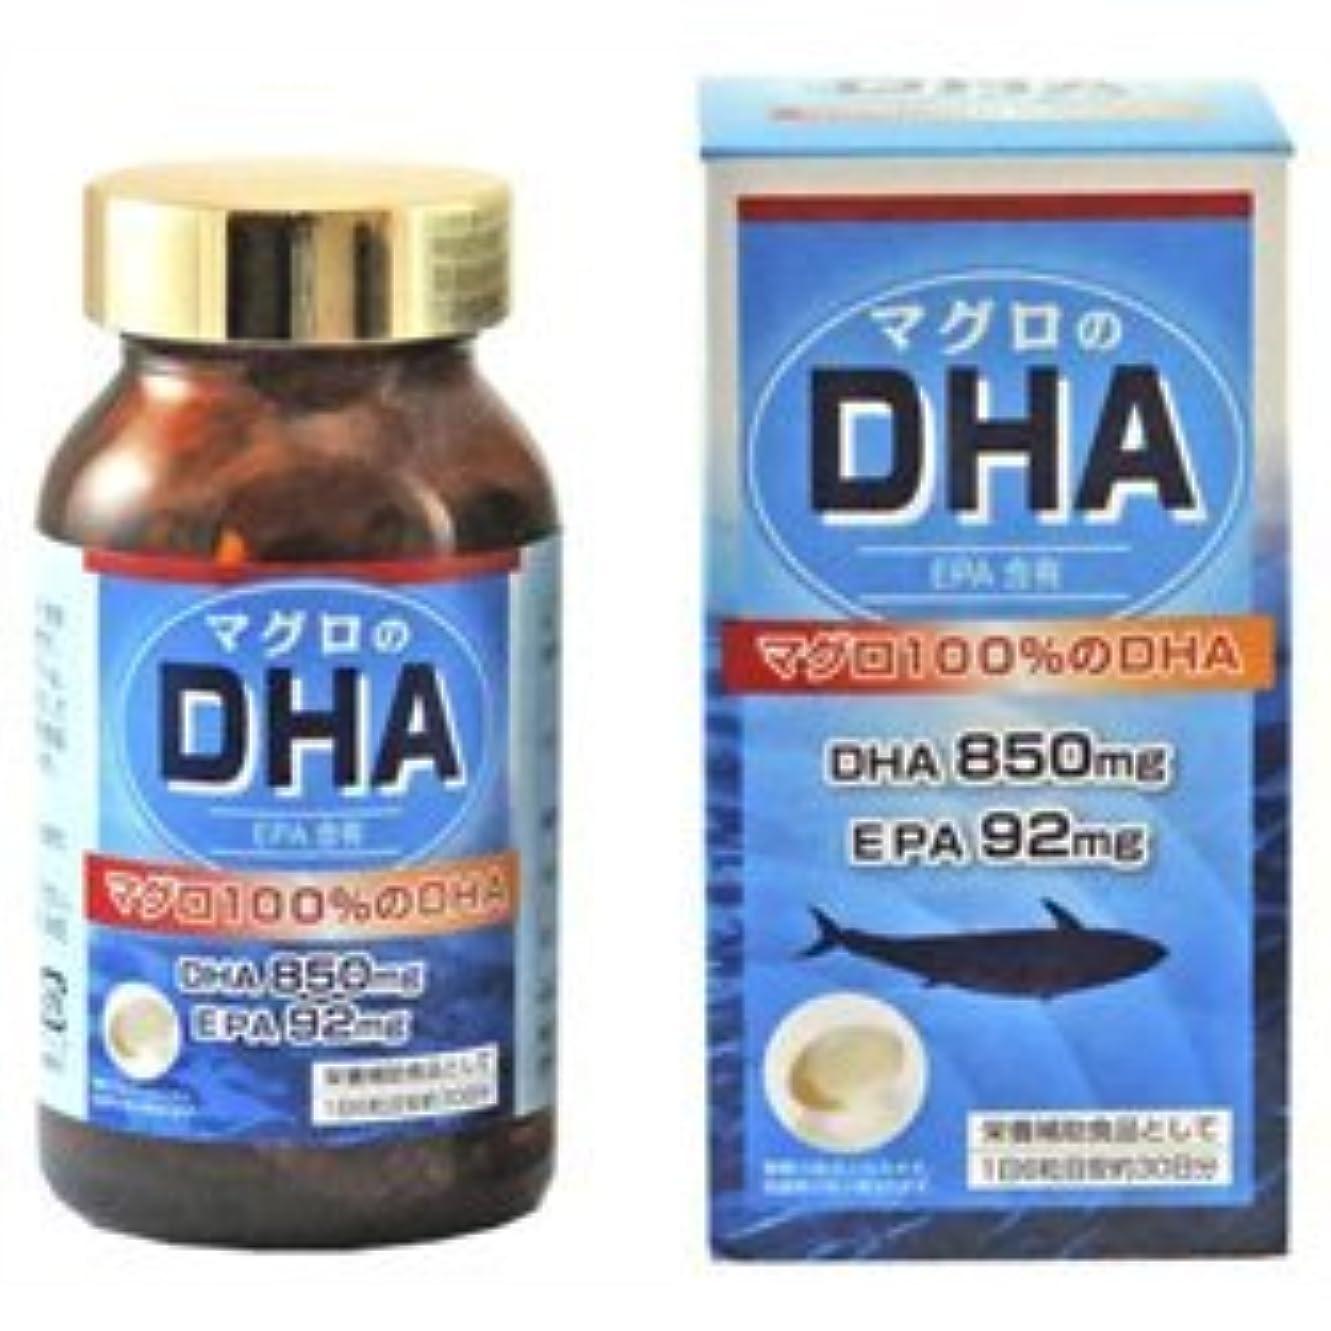 マイクロプロセッサしおれた解説【ユニマットリケン】DHA850 180粒 ×3個セット